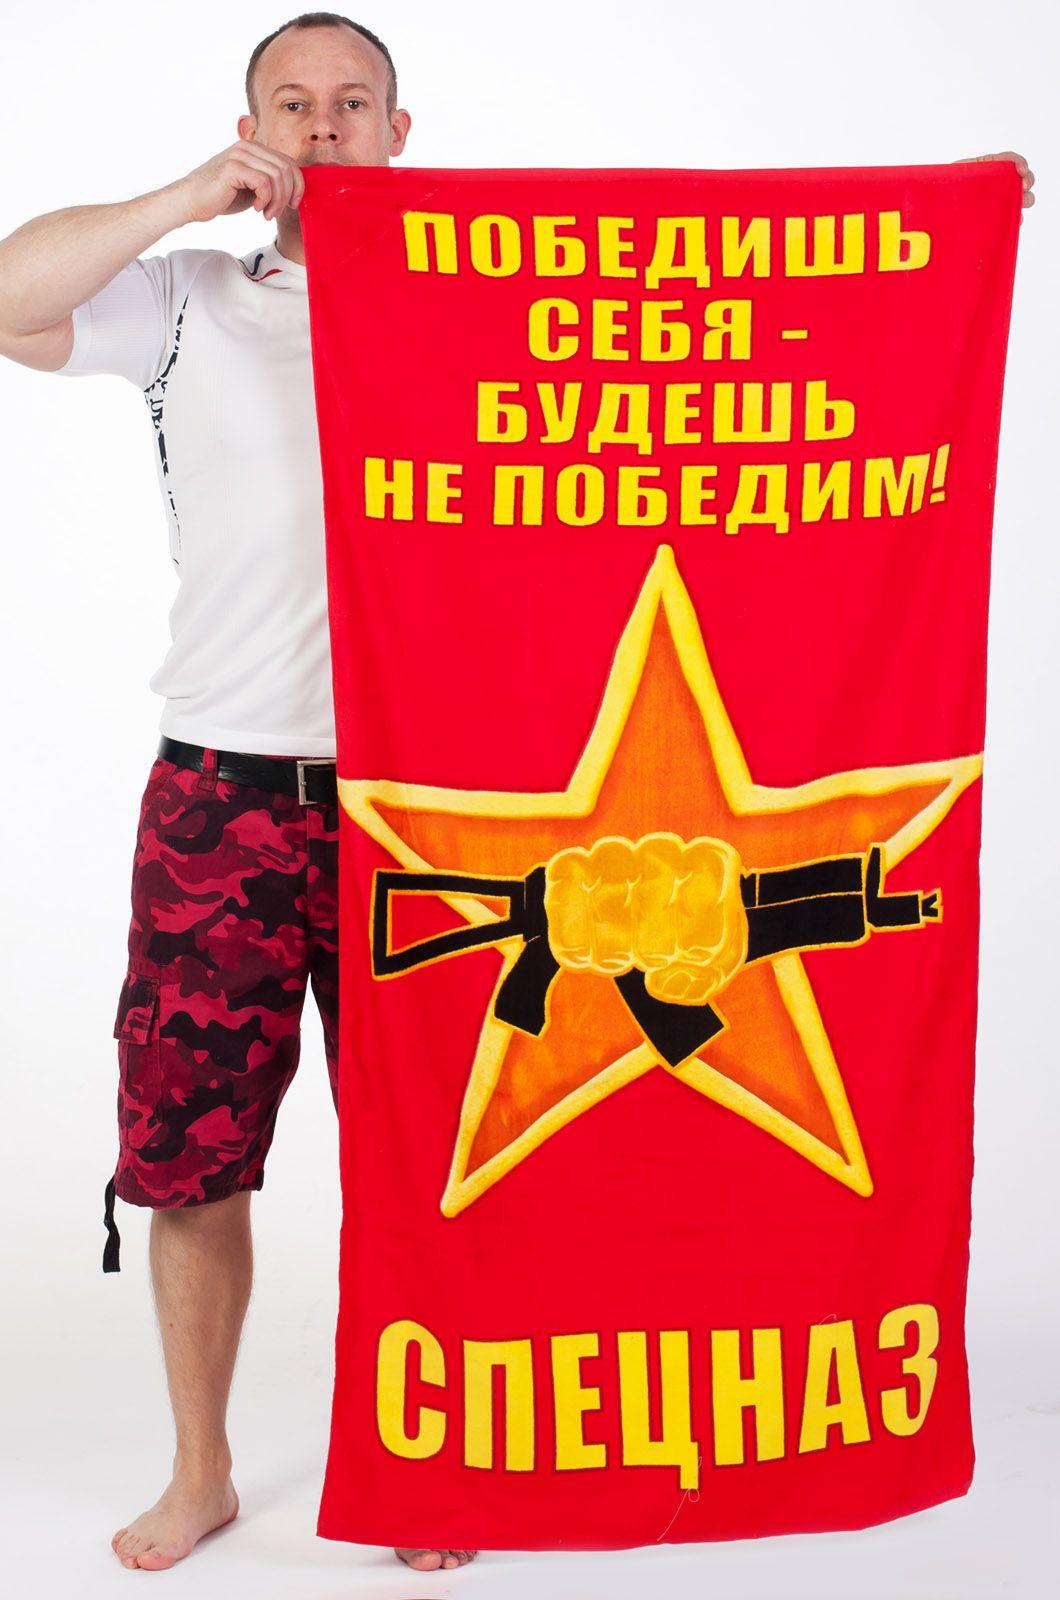 Полотенце Спецназа ВВ «Победишь себя - будешь непобедим»